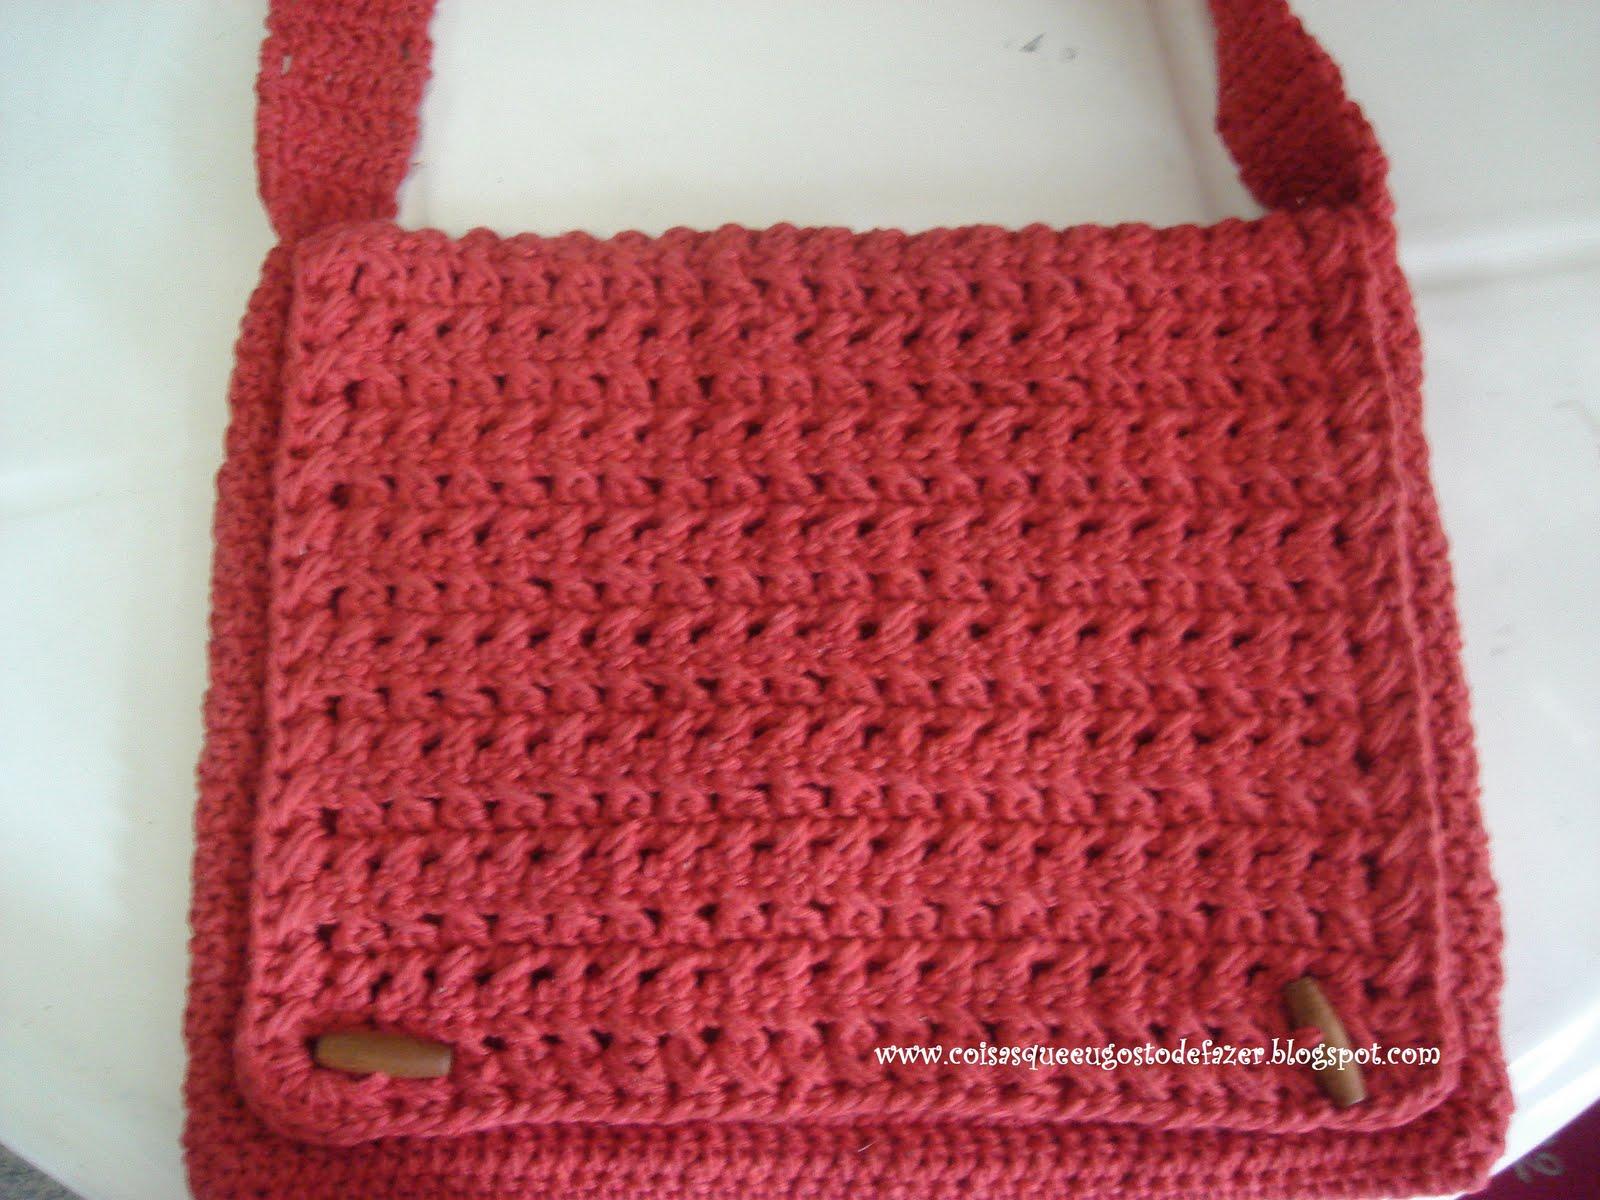 Bolsa Para Carregar Cachorro Em Croche : Coisas que eu gosto de fazer bolsa croche em